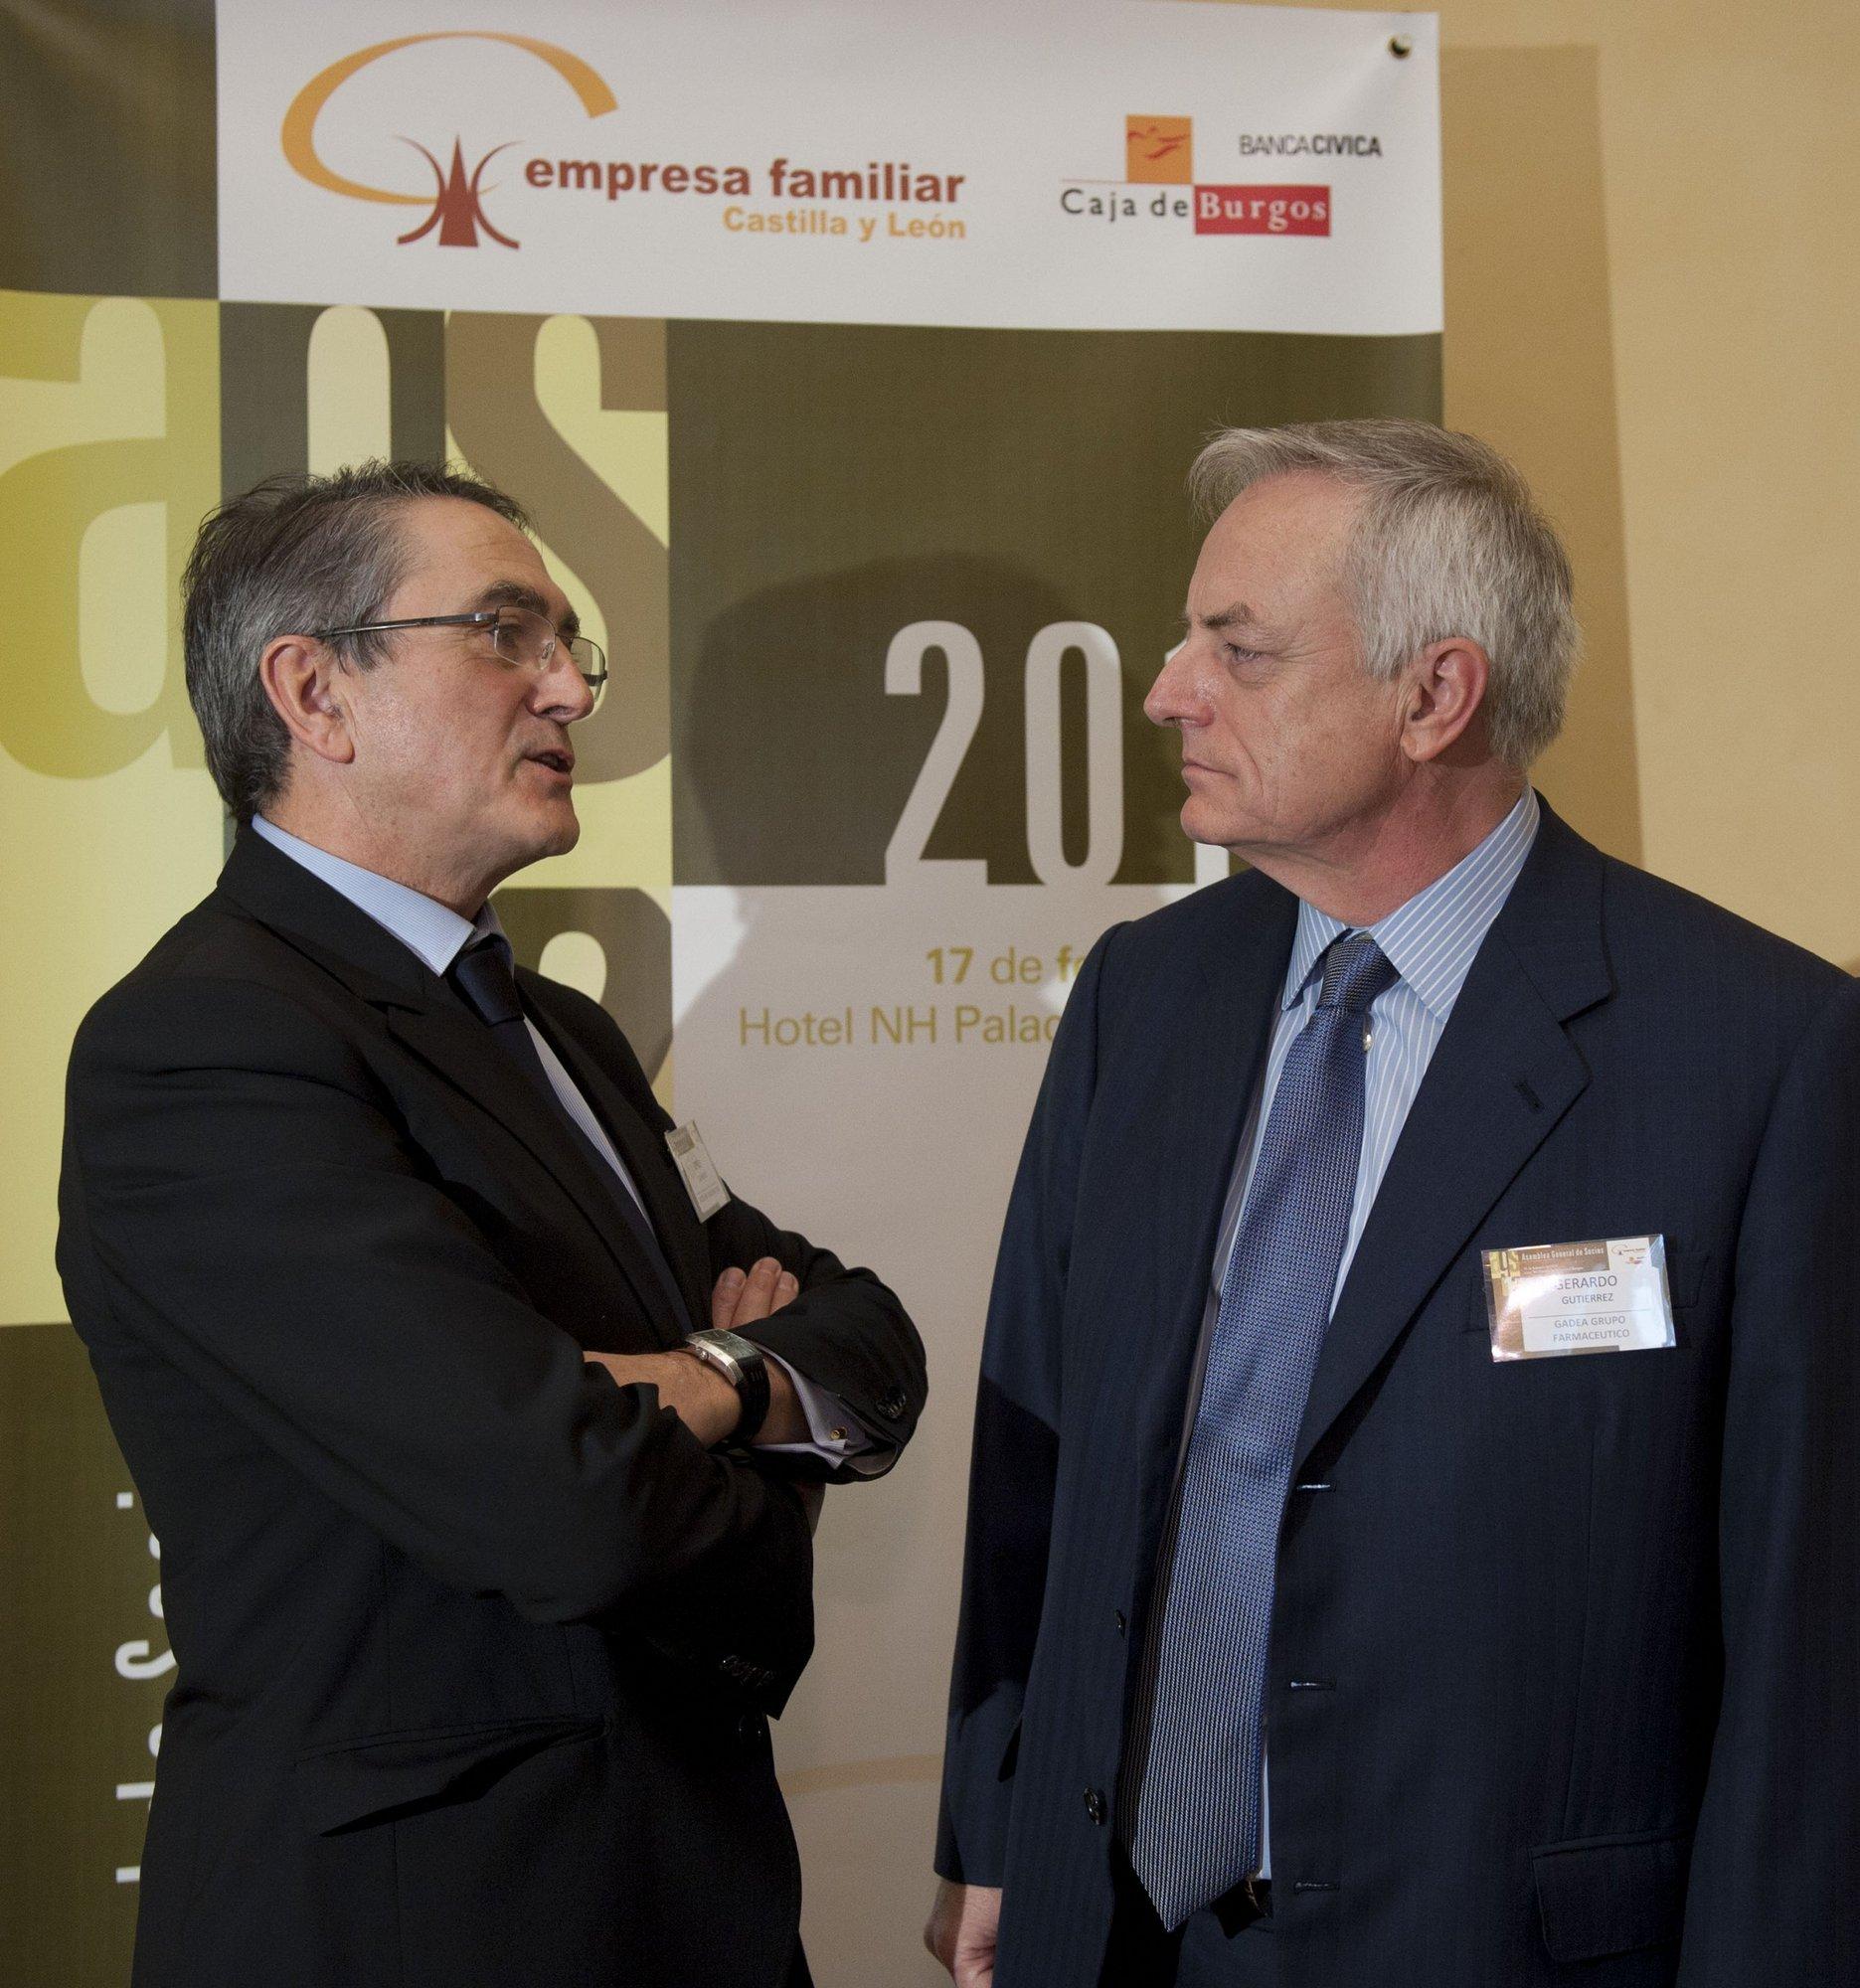 La mitad de las empresas familiares de Castilla y León creen que generarán empleo en los próximos meses